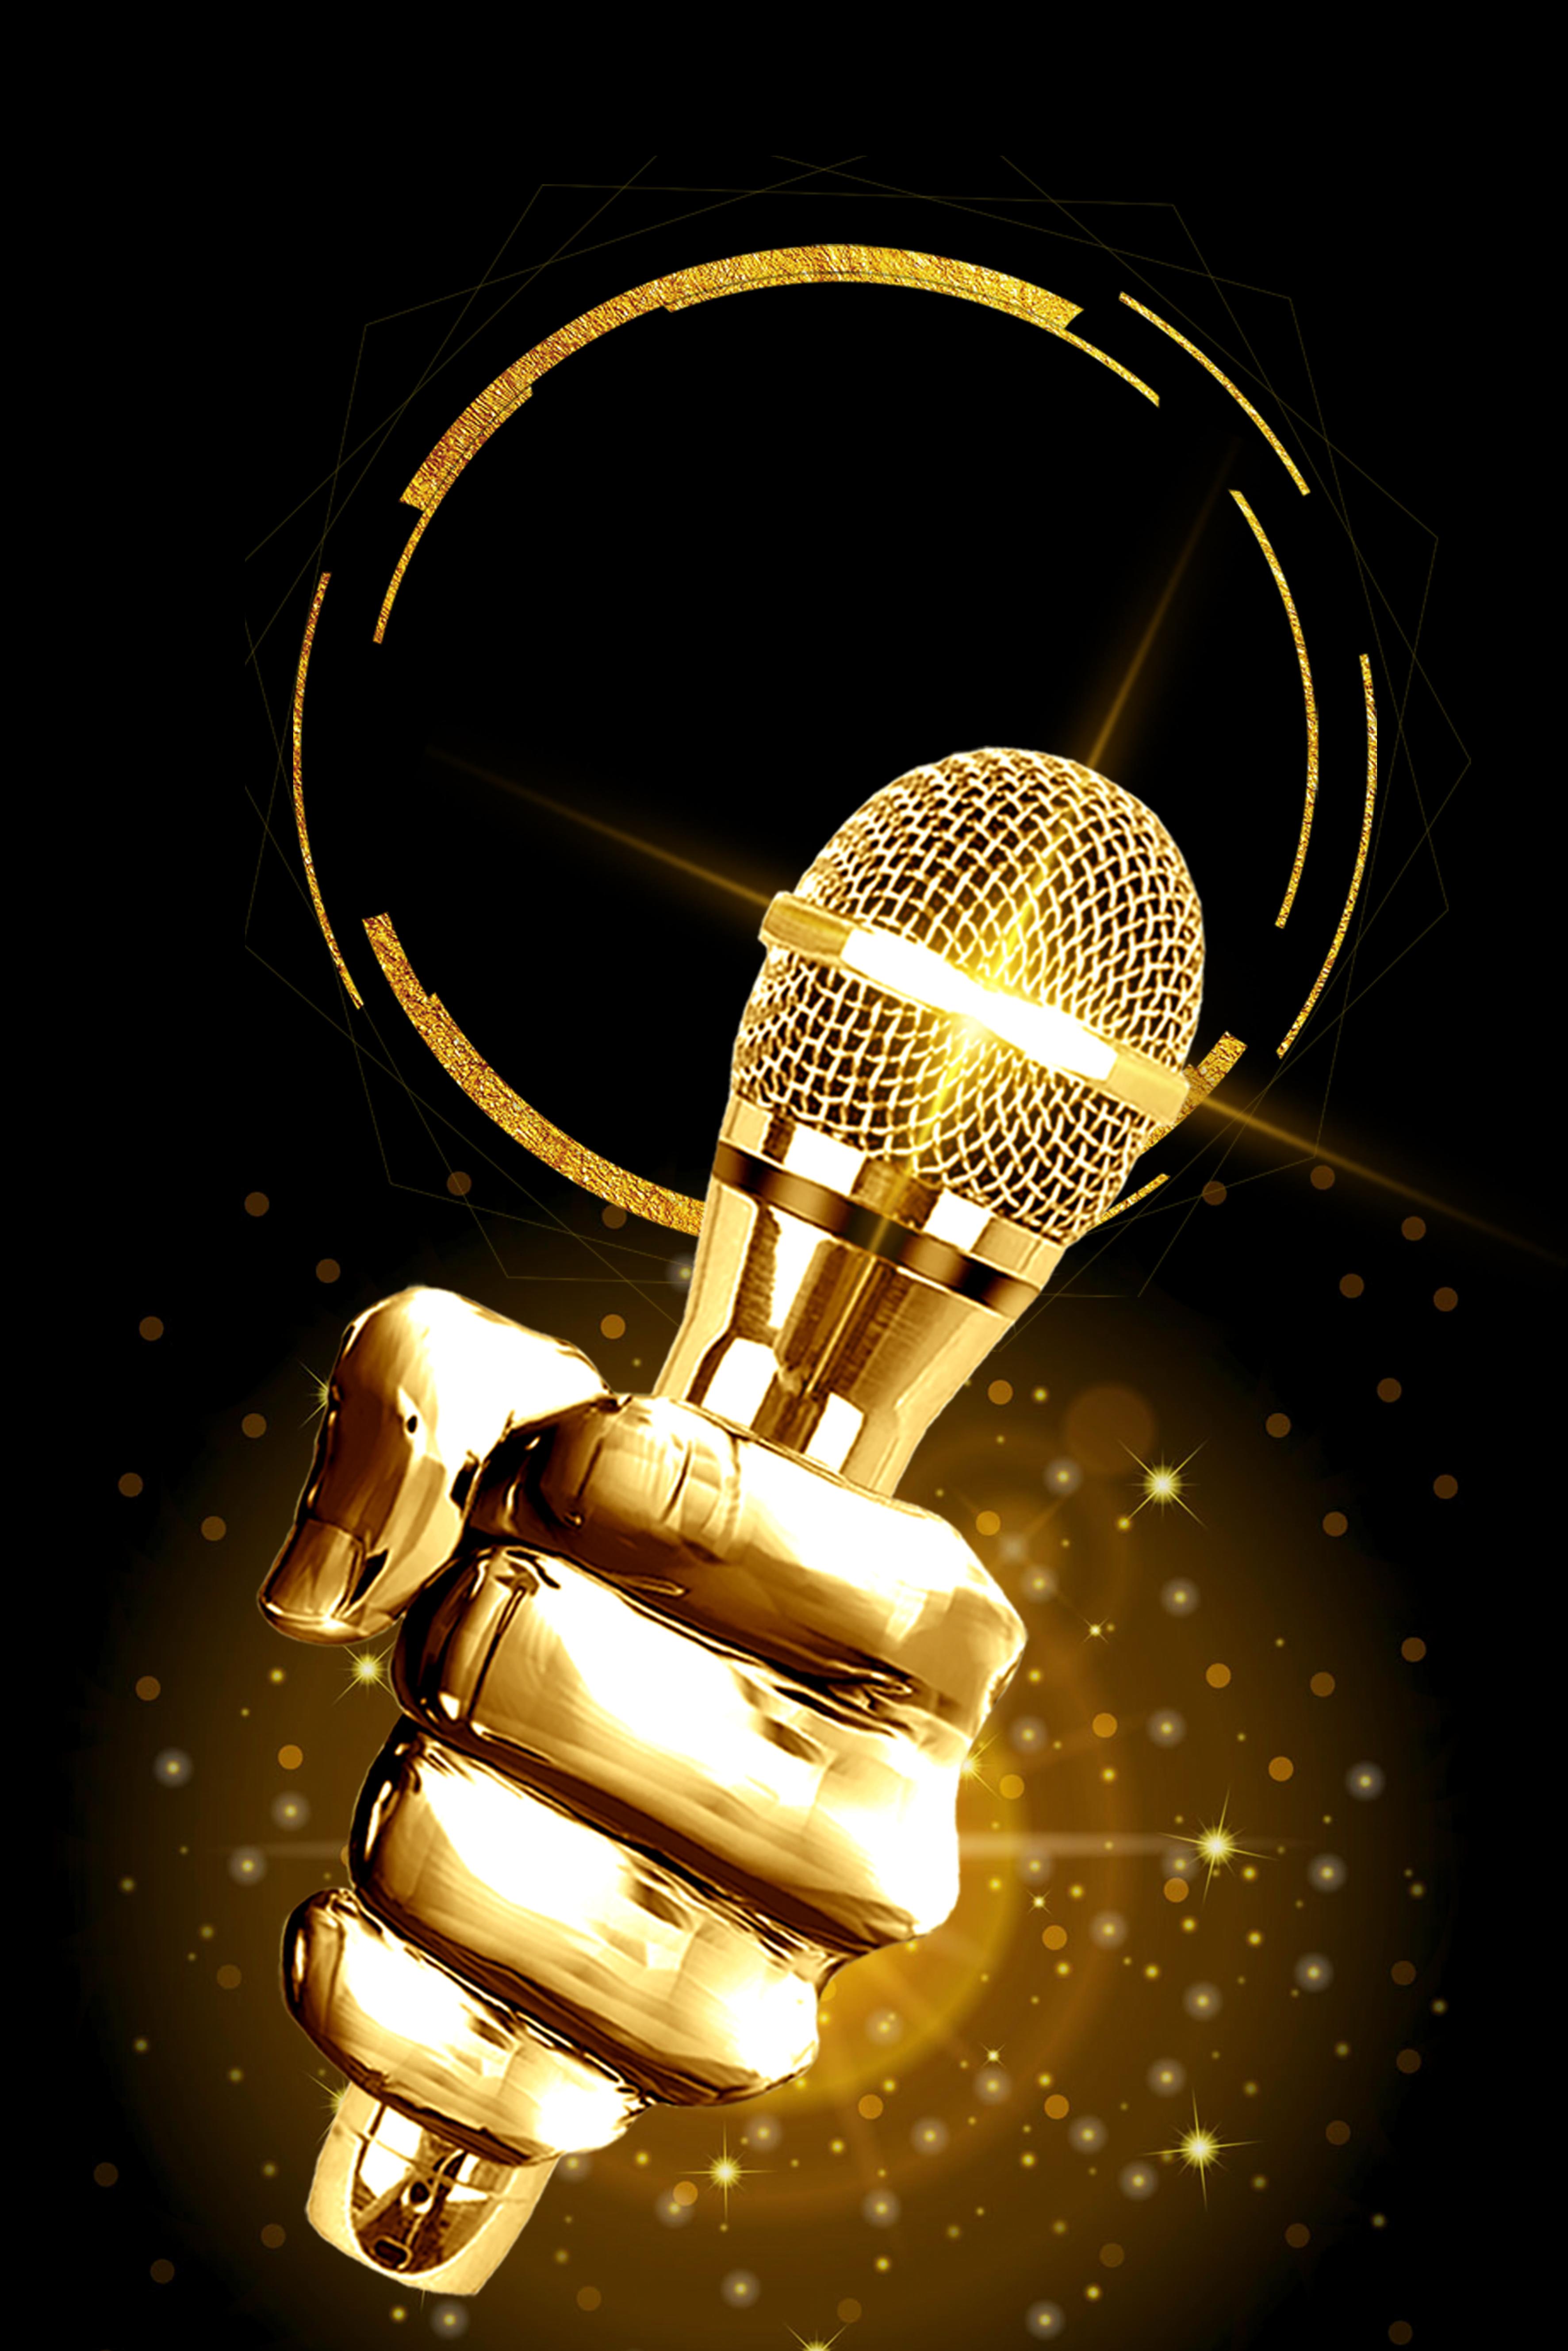 —Pngtree—microphone_speech_speech_contes